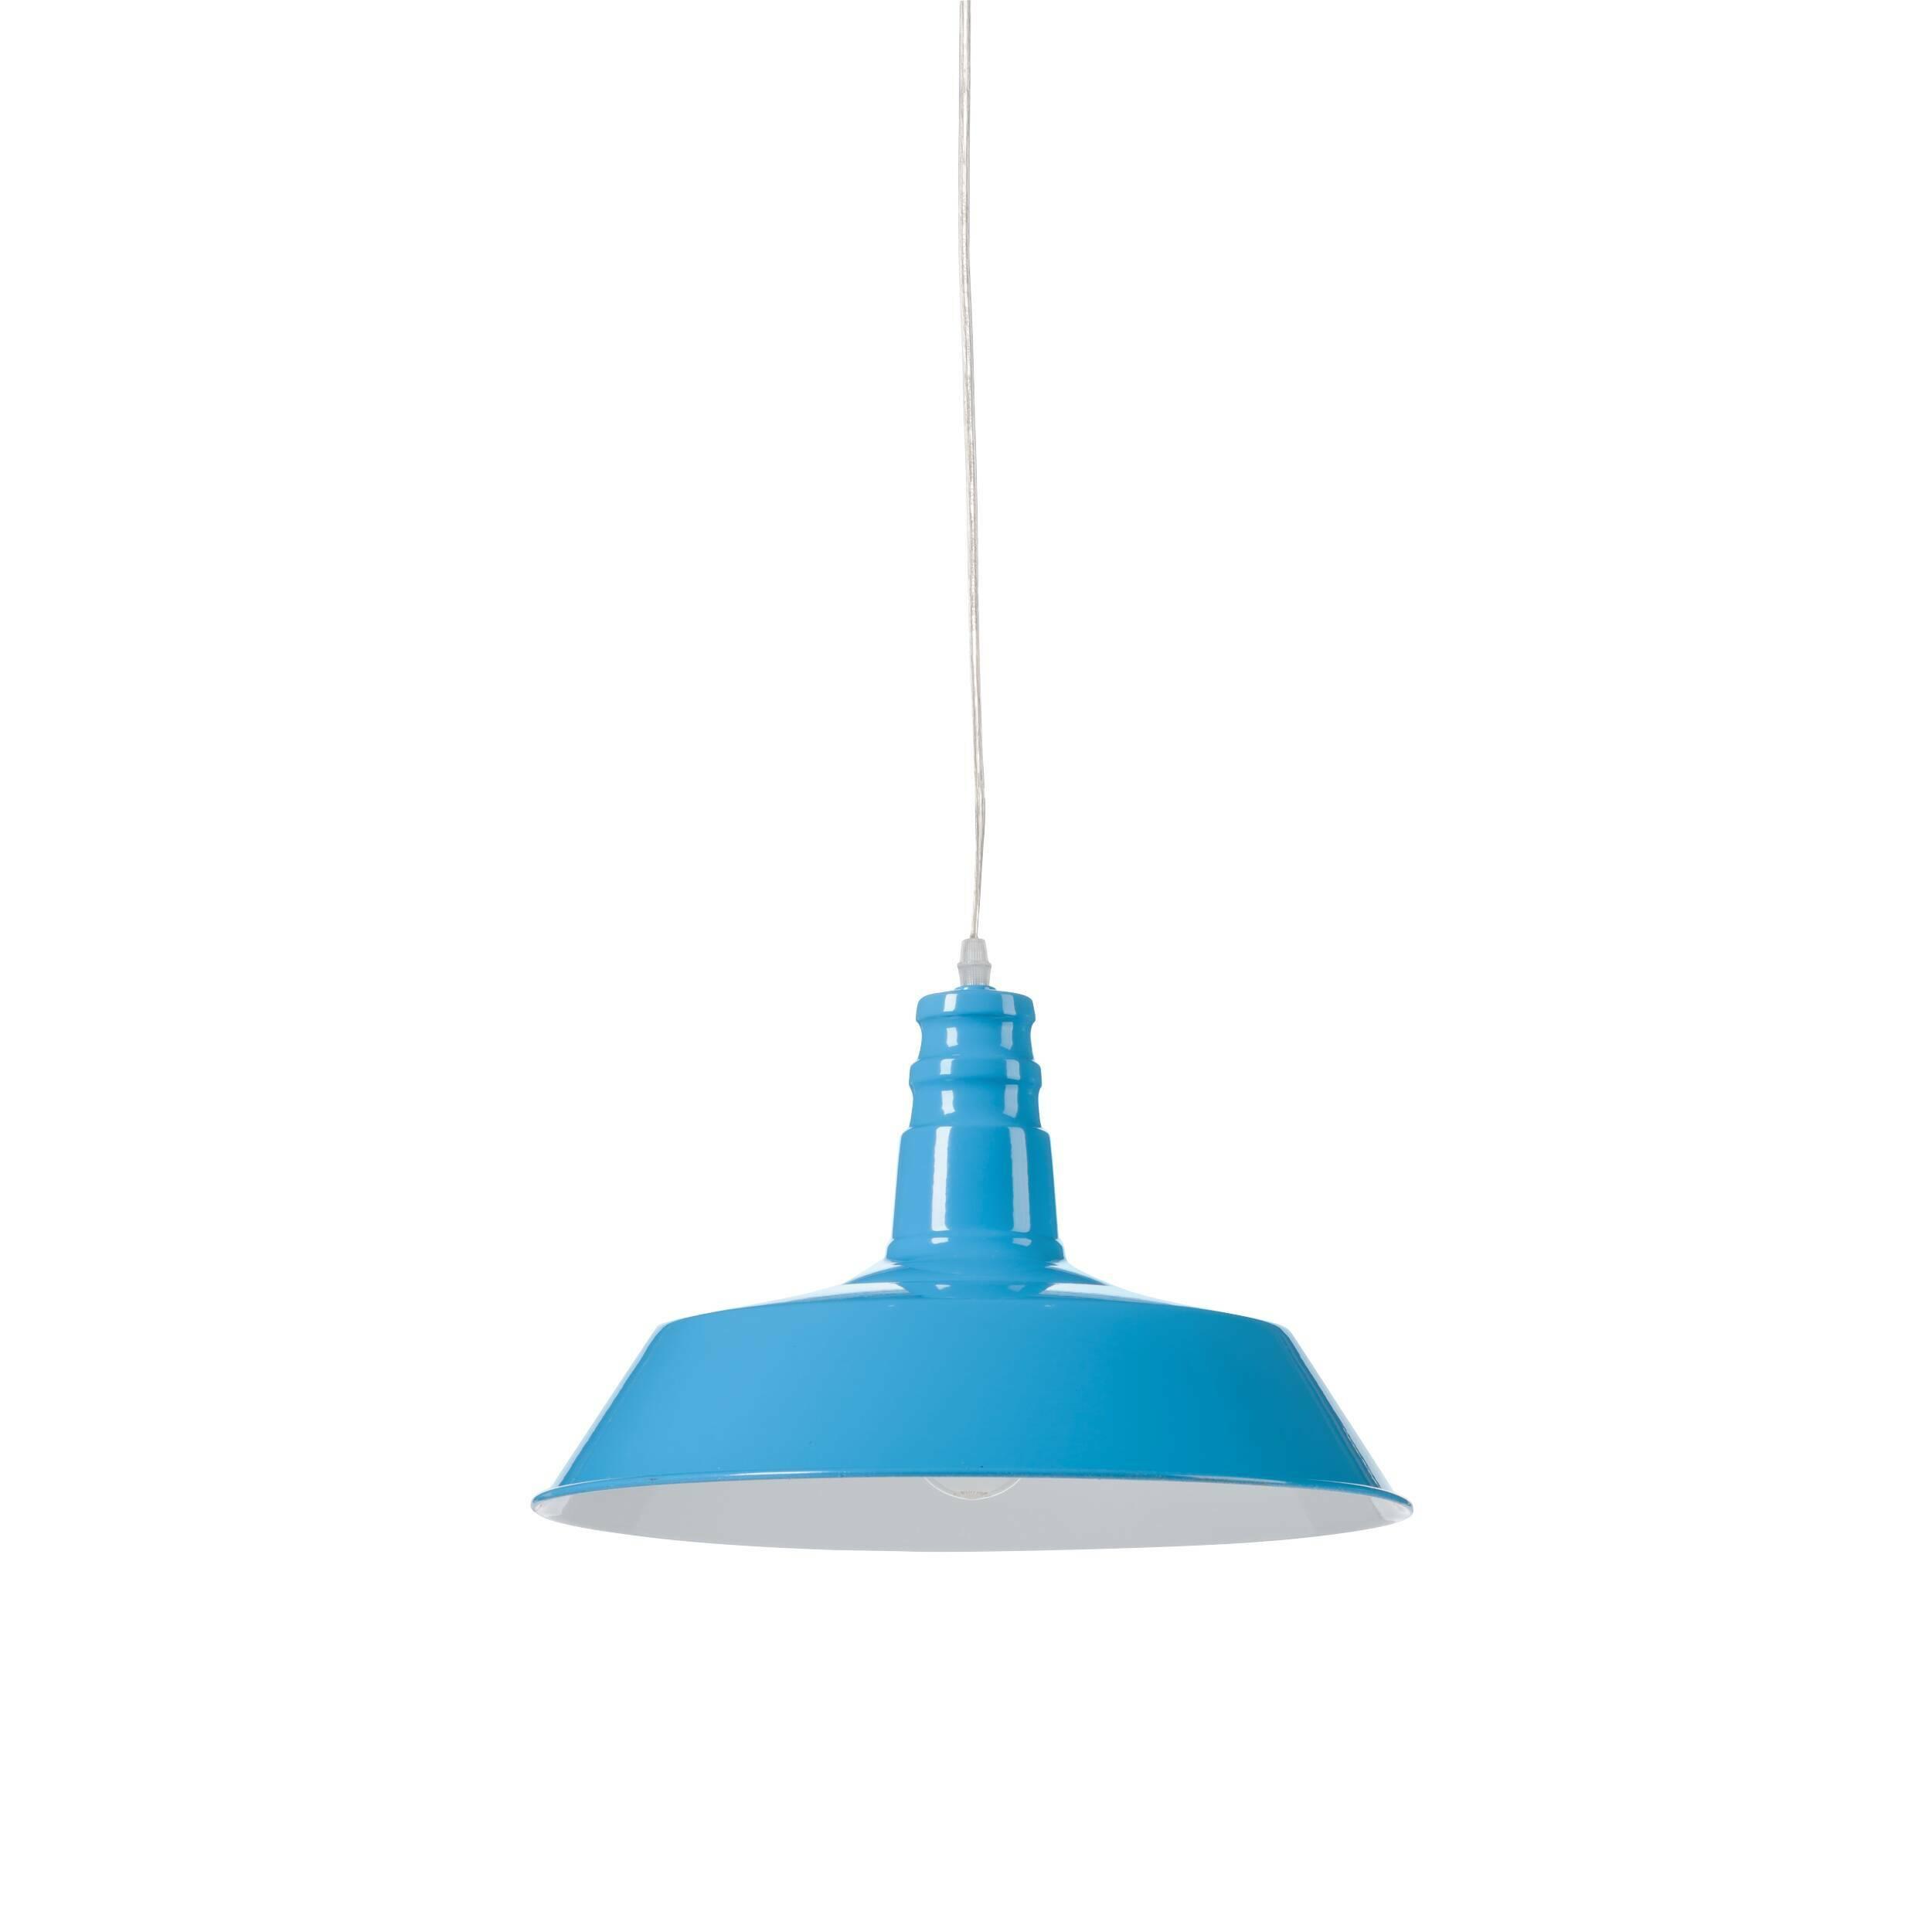 Подвесной светильник Barn IndustrialПодвесные<br>Этот подвесной светильник сочетает в себе лаконичность и практичность. Прочные металлические детали подвесного светильника Barn Industrial внушают спокойствие и уверенность.<br><br><br> Подвесной светильник Barn Industrial идеально подходит для использования в рамках индустриального стиля, для освещения баров, коворкингов, лофтов и других просторных помещений, которым подошло бы оформление в модном сегодня стиле стимпанк.<br><br>stock: 54<br>Высота: 26<br>Длина: 36<br>Длина провода: 150<br>Количество ламп: 1<br>Материал абажура: Сталь<br>Мощность лампы: 40<br>Ламп в комплекте: Нет<br>Напряжение: 220<br>Тип лампы/цоколь: E27<br>Цвет абажура: Синий<br>Цвет провода: Черный